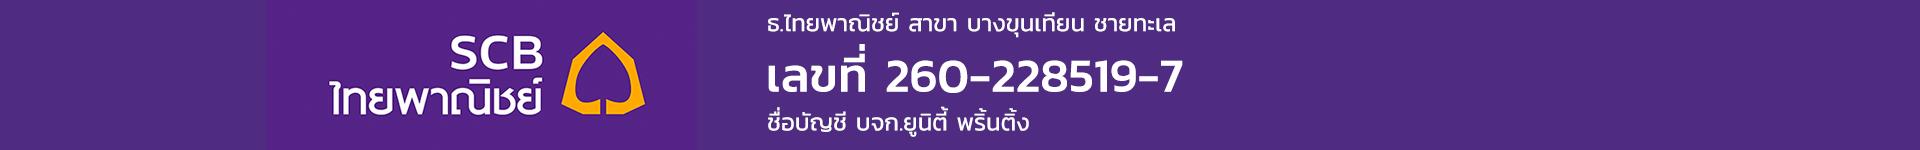 ช่องทางการชำระเงินธนาคารไทยพาณิชย์ เลขที่บัญชี 260-228519-7 ธนาคารไทยพาณิชย์ สาขาบางขุนเทียน ชายทะเล ชื่อบัญชี บจก.ยูนิตี้ พริ้งติ้ง